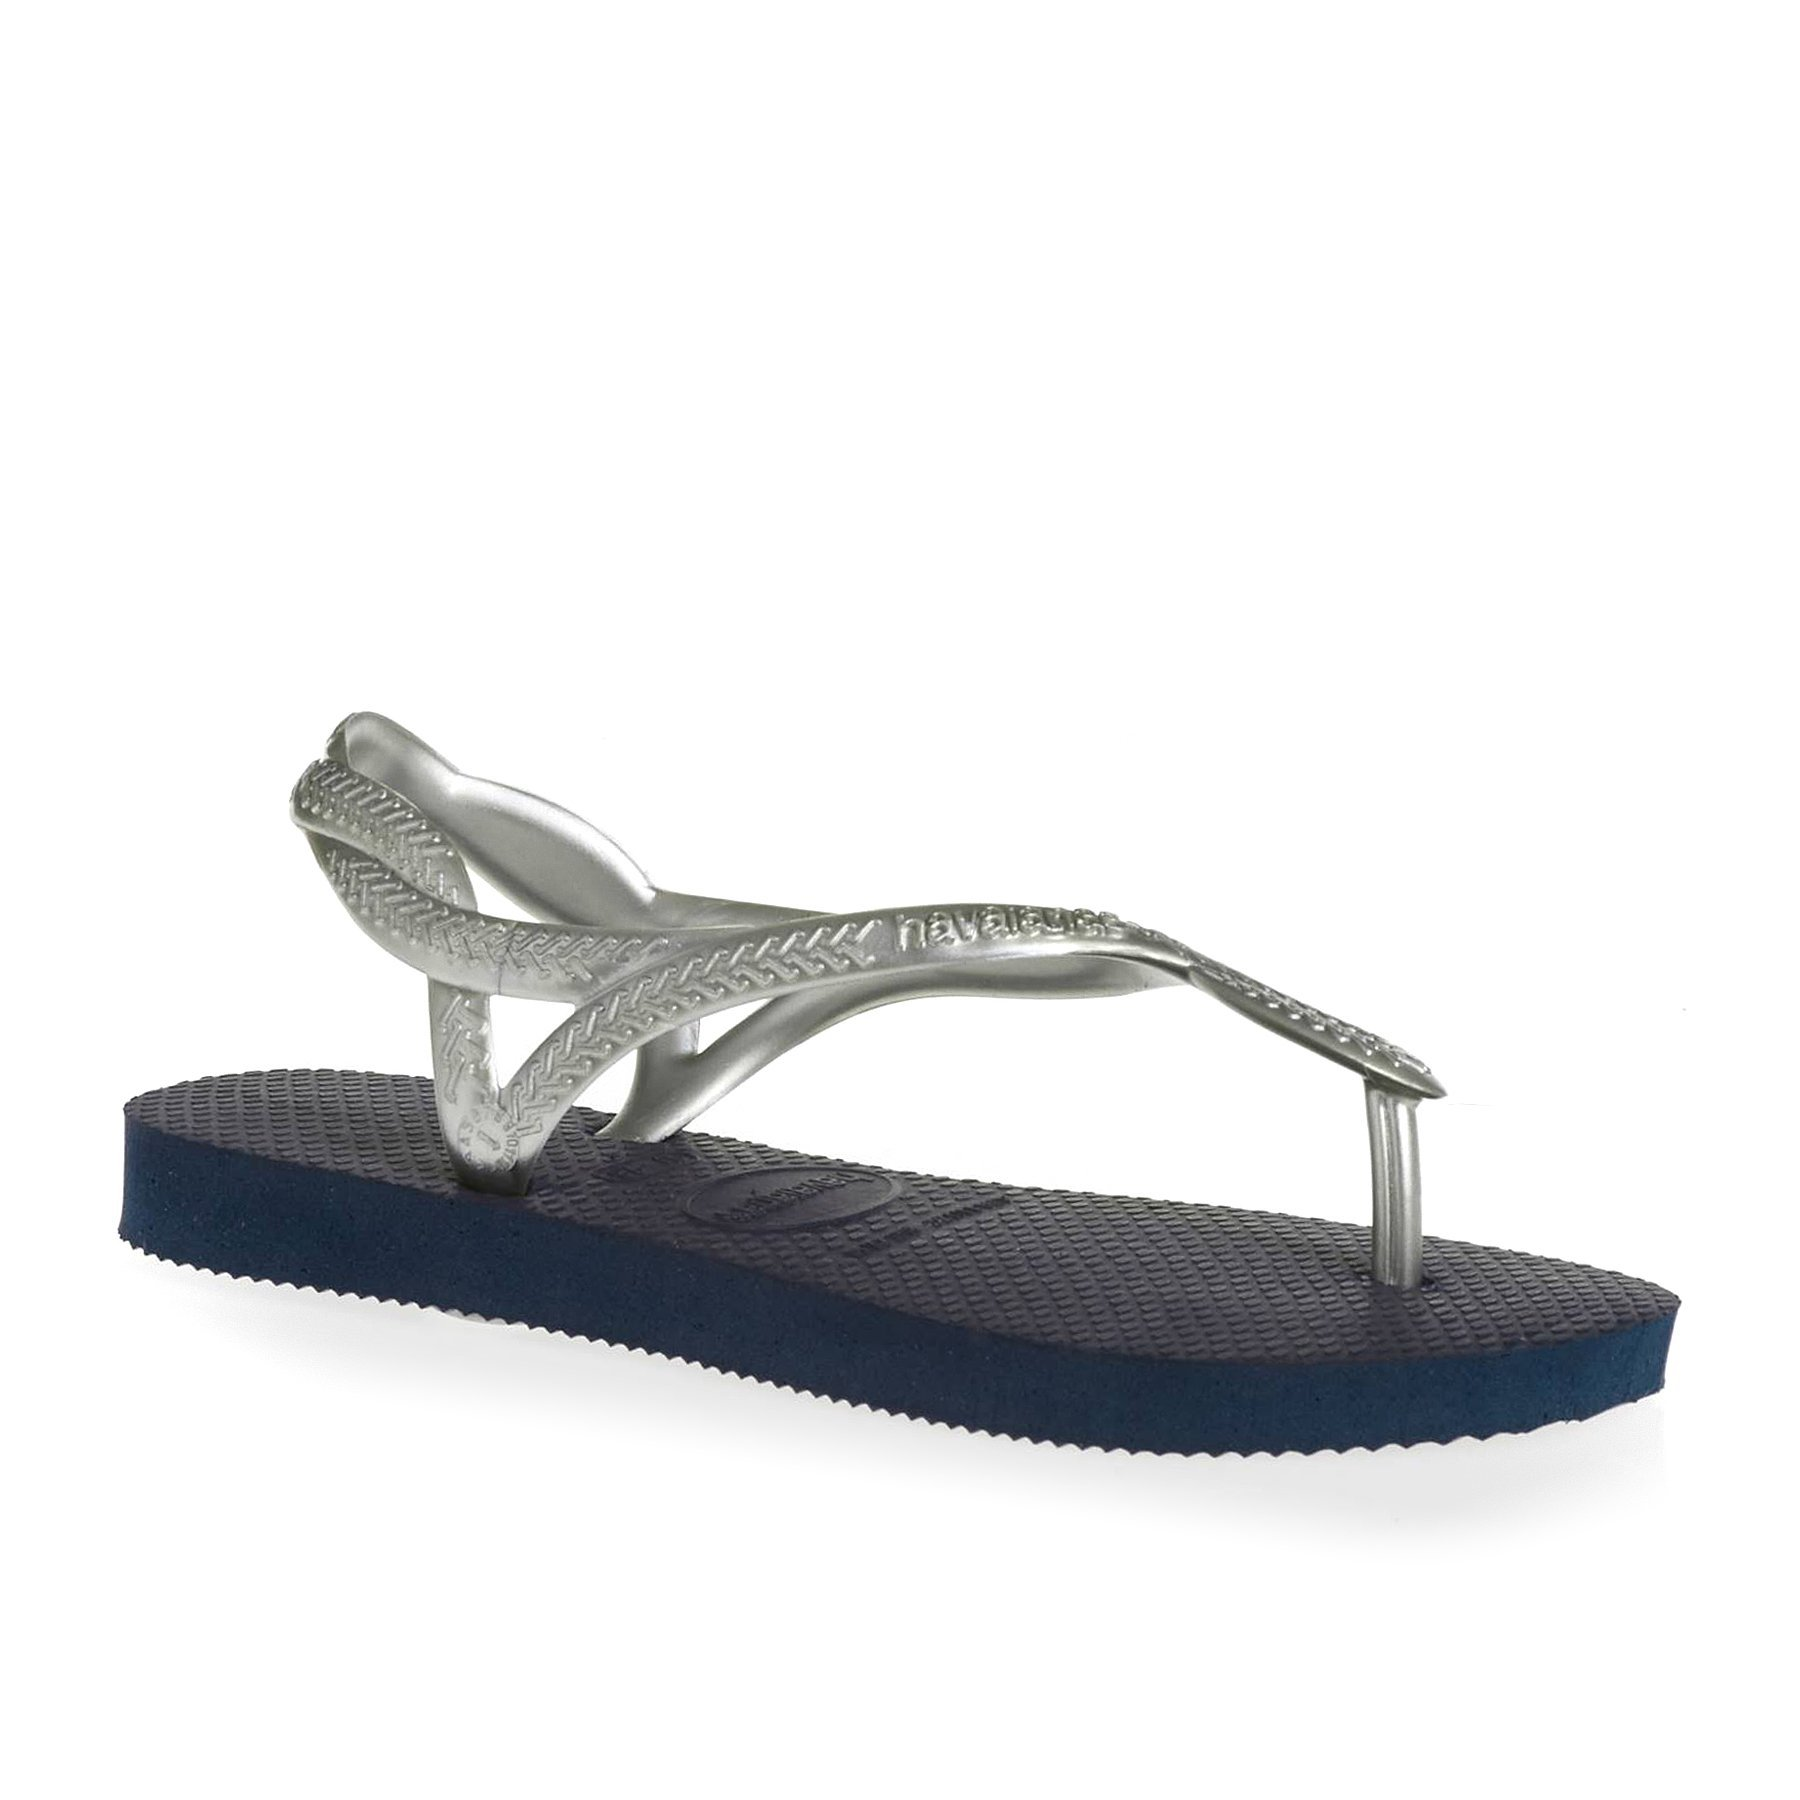 Havaianas HAV Luna Sandals 13 M US Little Kid Navy/Silver